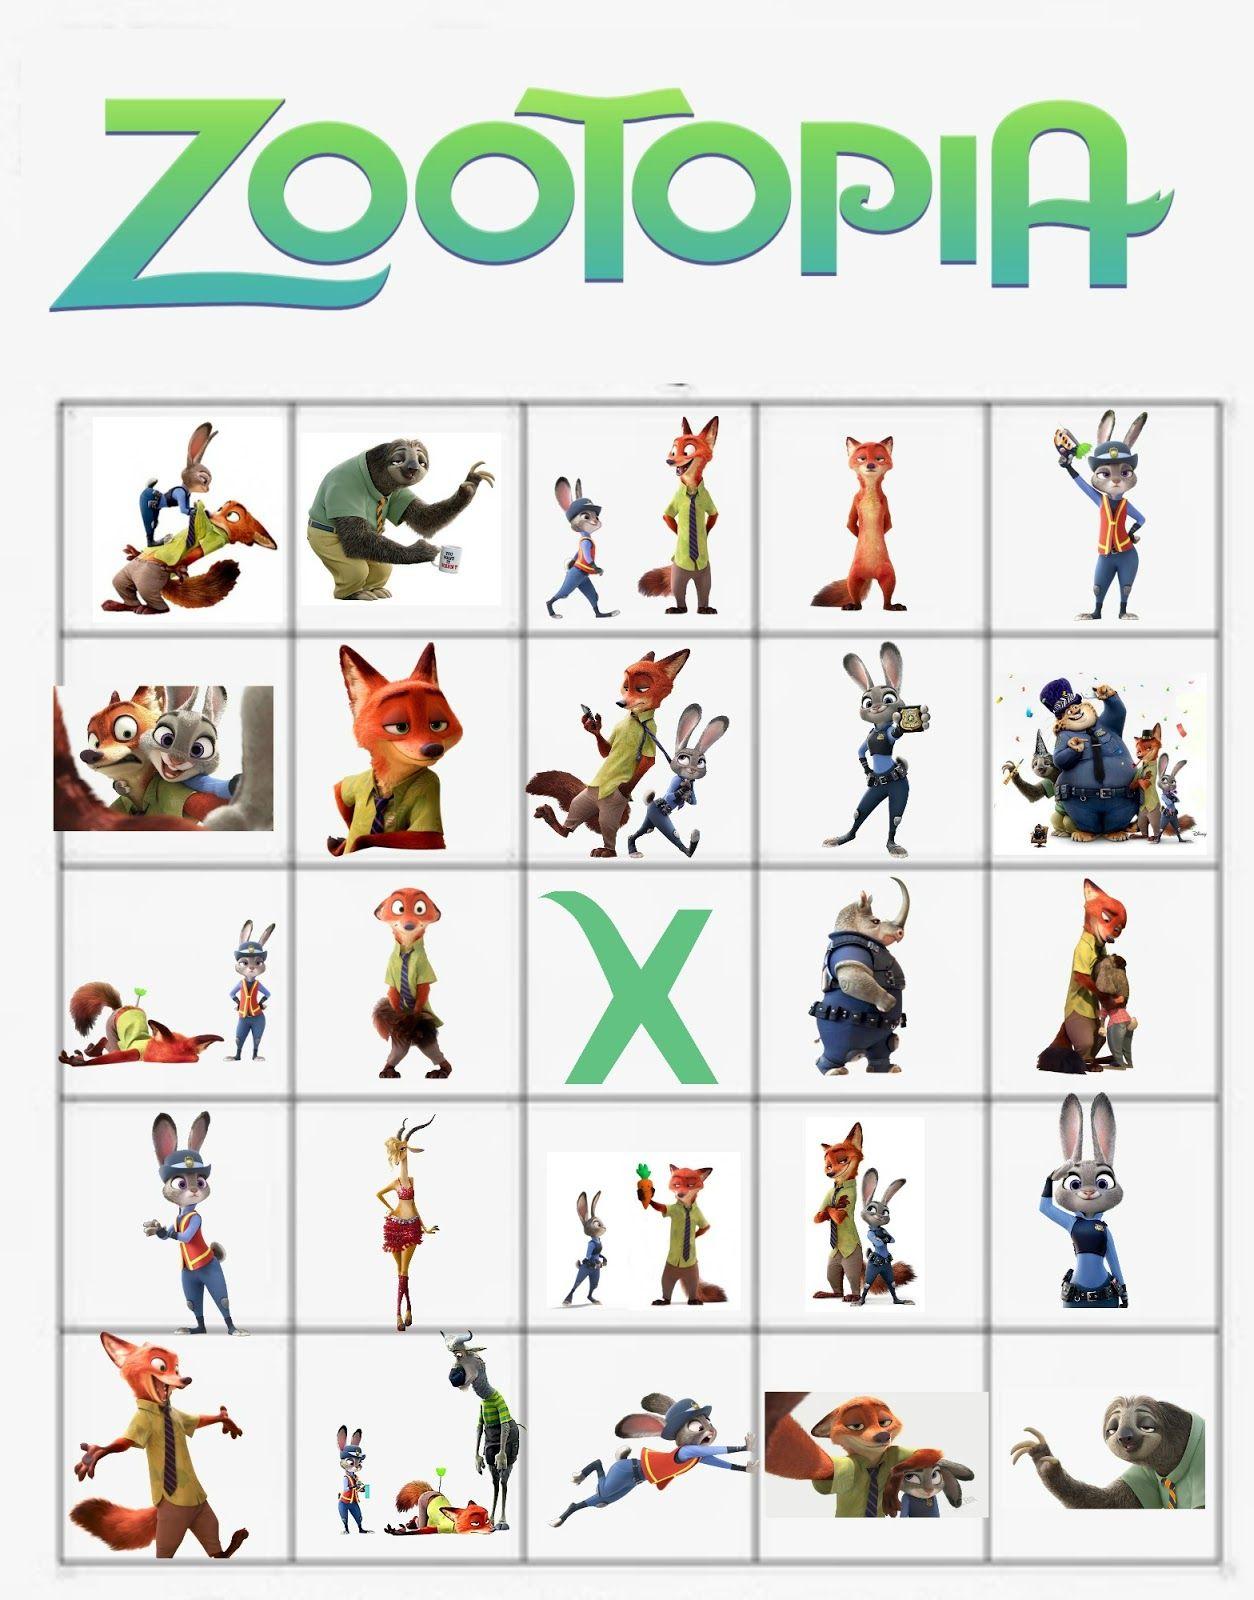 zootopia casino